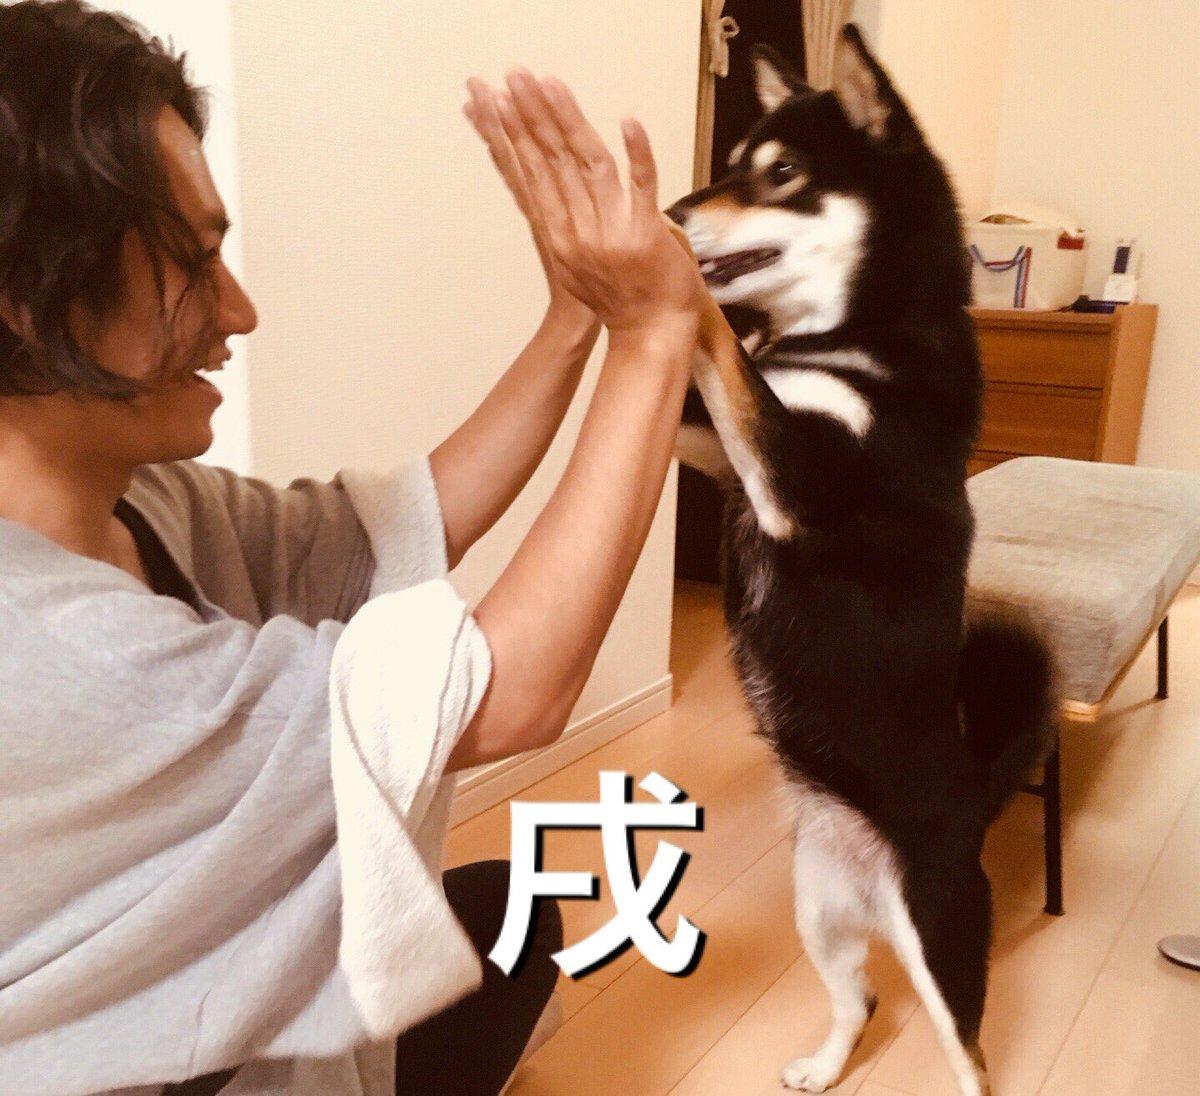 あけましておめでとう!  今年もよろしくお願いします!  武田